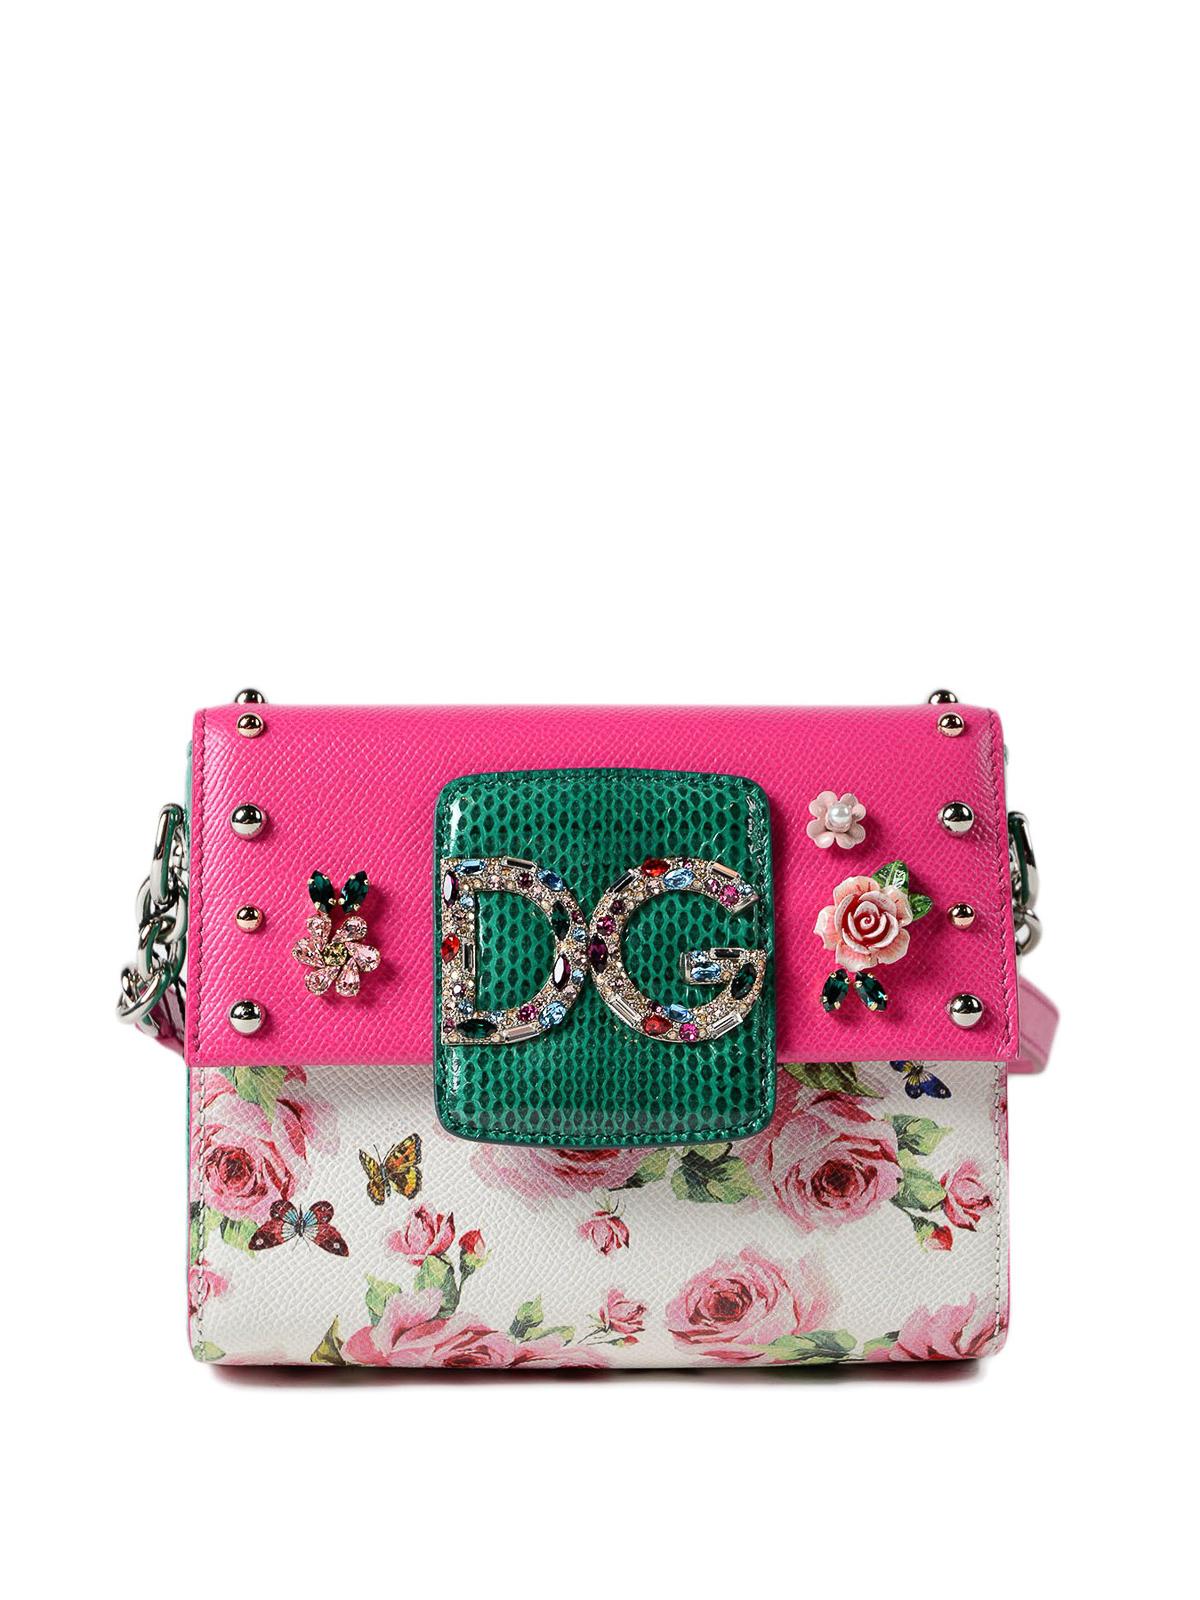 288e0aeb06552 Dolce   Gabbana - DG Millennials S crossbody bag - cross body bags ...